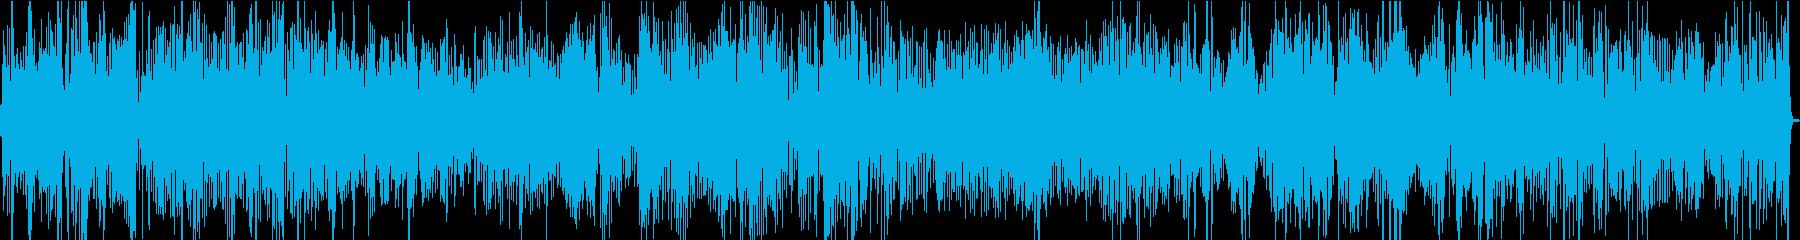 スイング。コーラストランペット、ト...の再生済みの波形